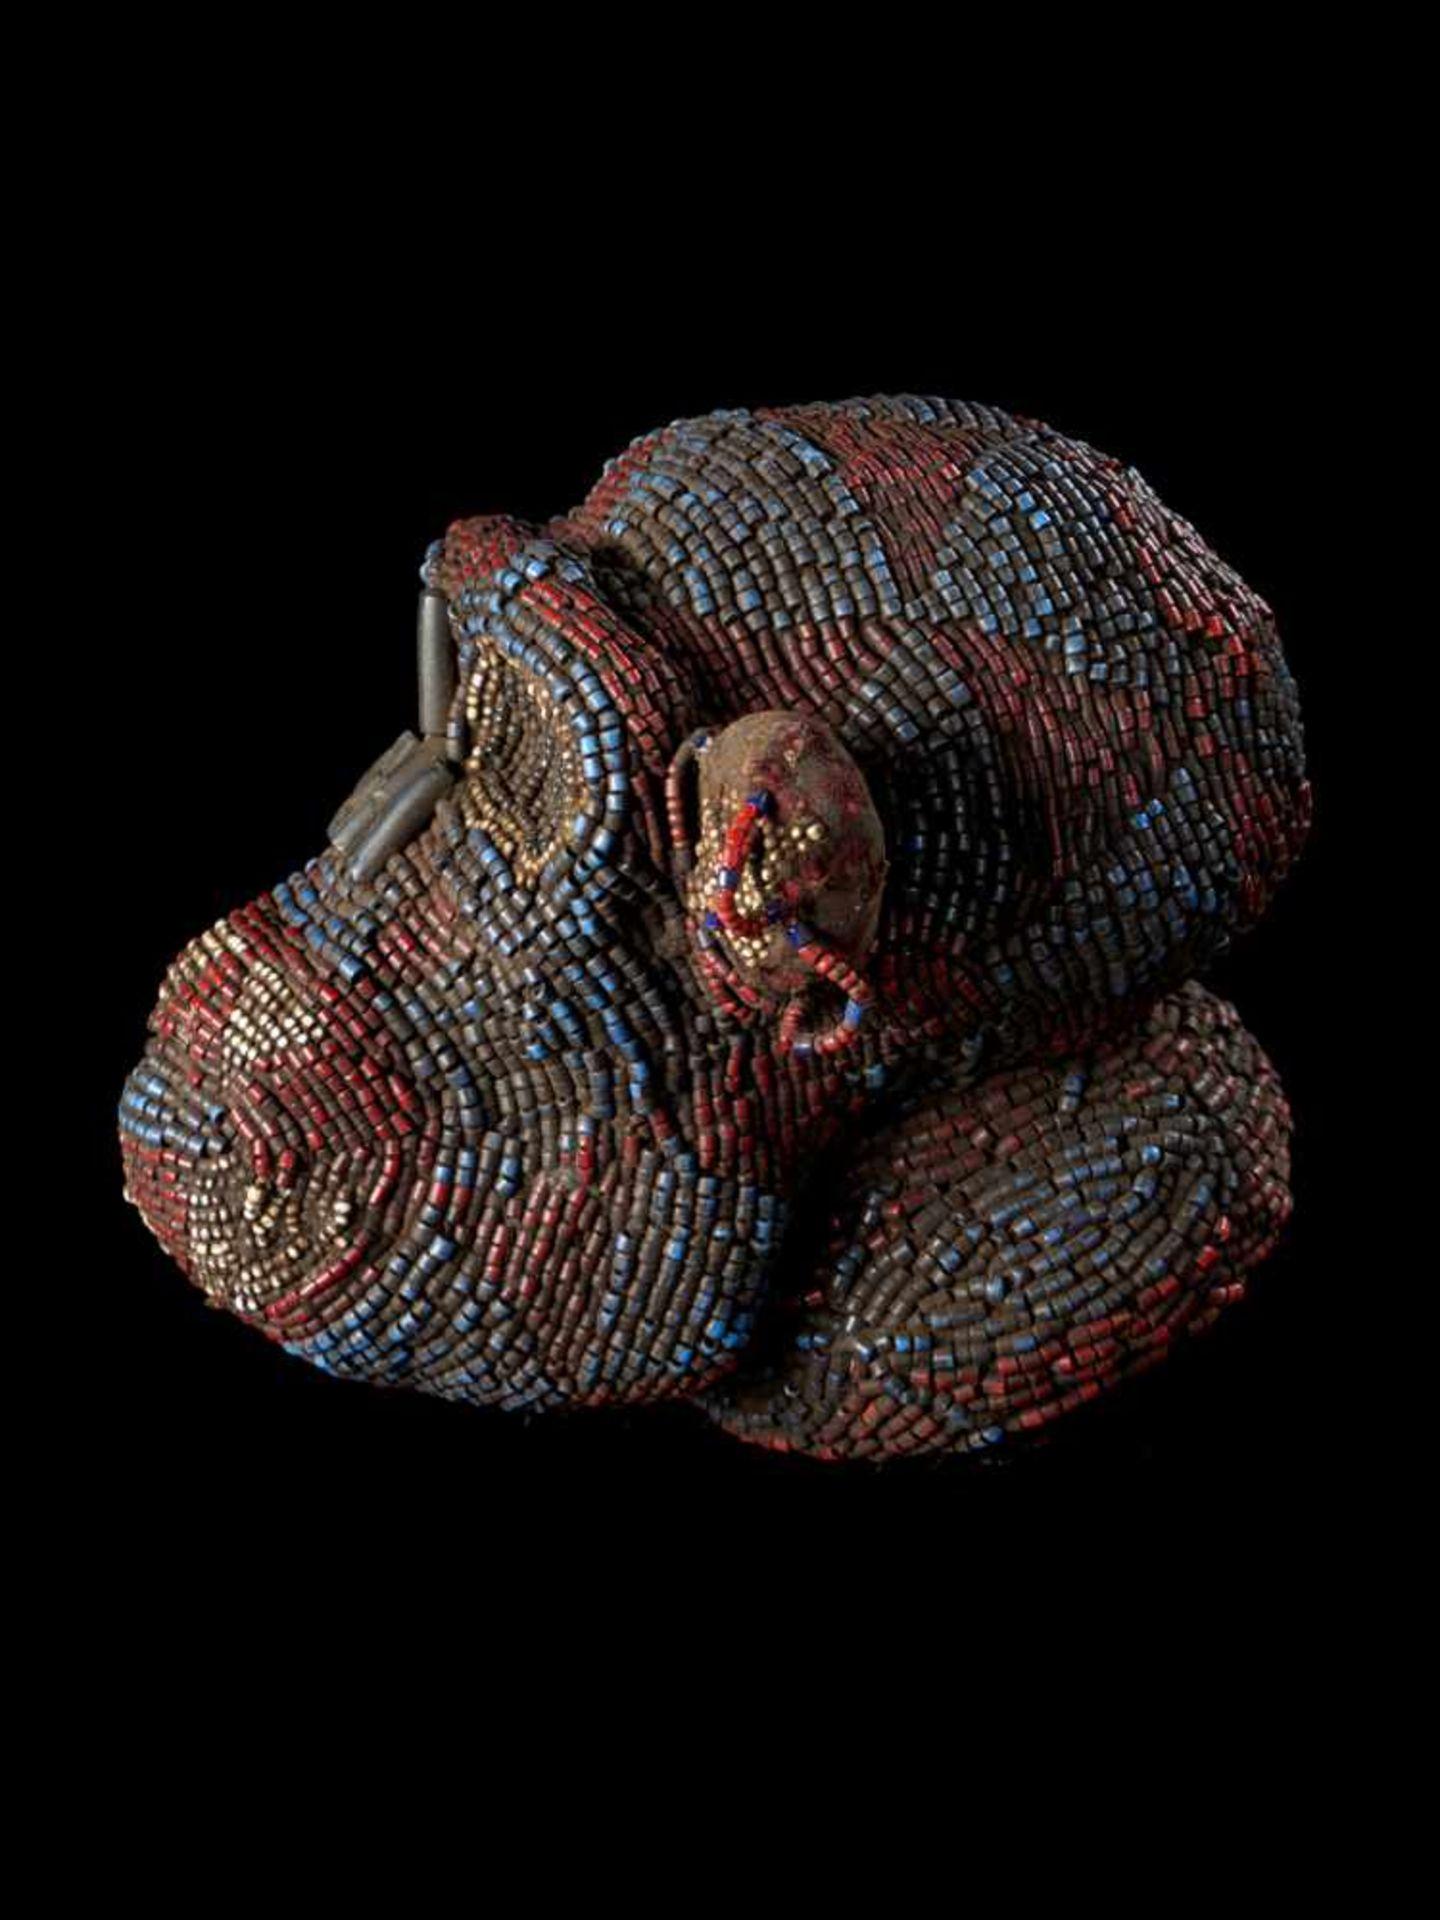 Beaded Monkey Head - Tribal ArtThis beaded monkey head has a striking realistic shape. It is - Bild 3 aus 4